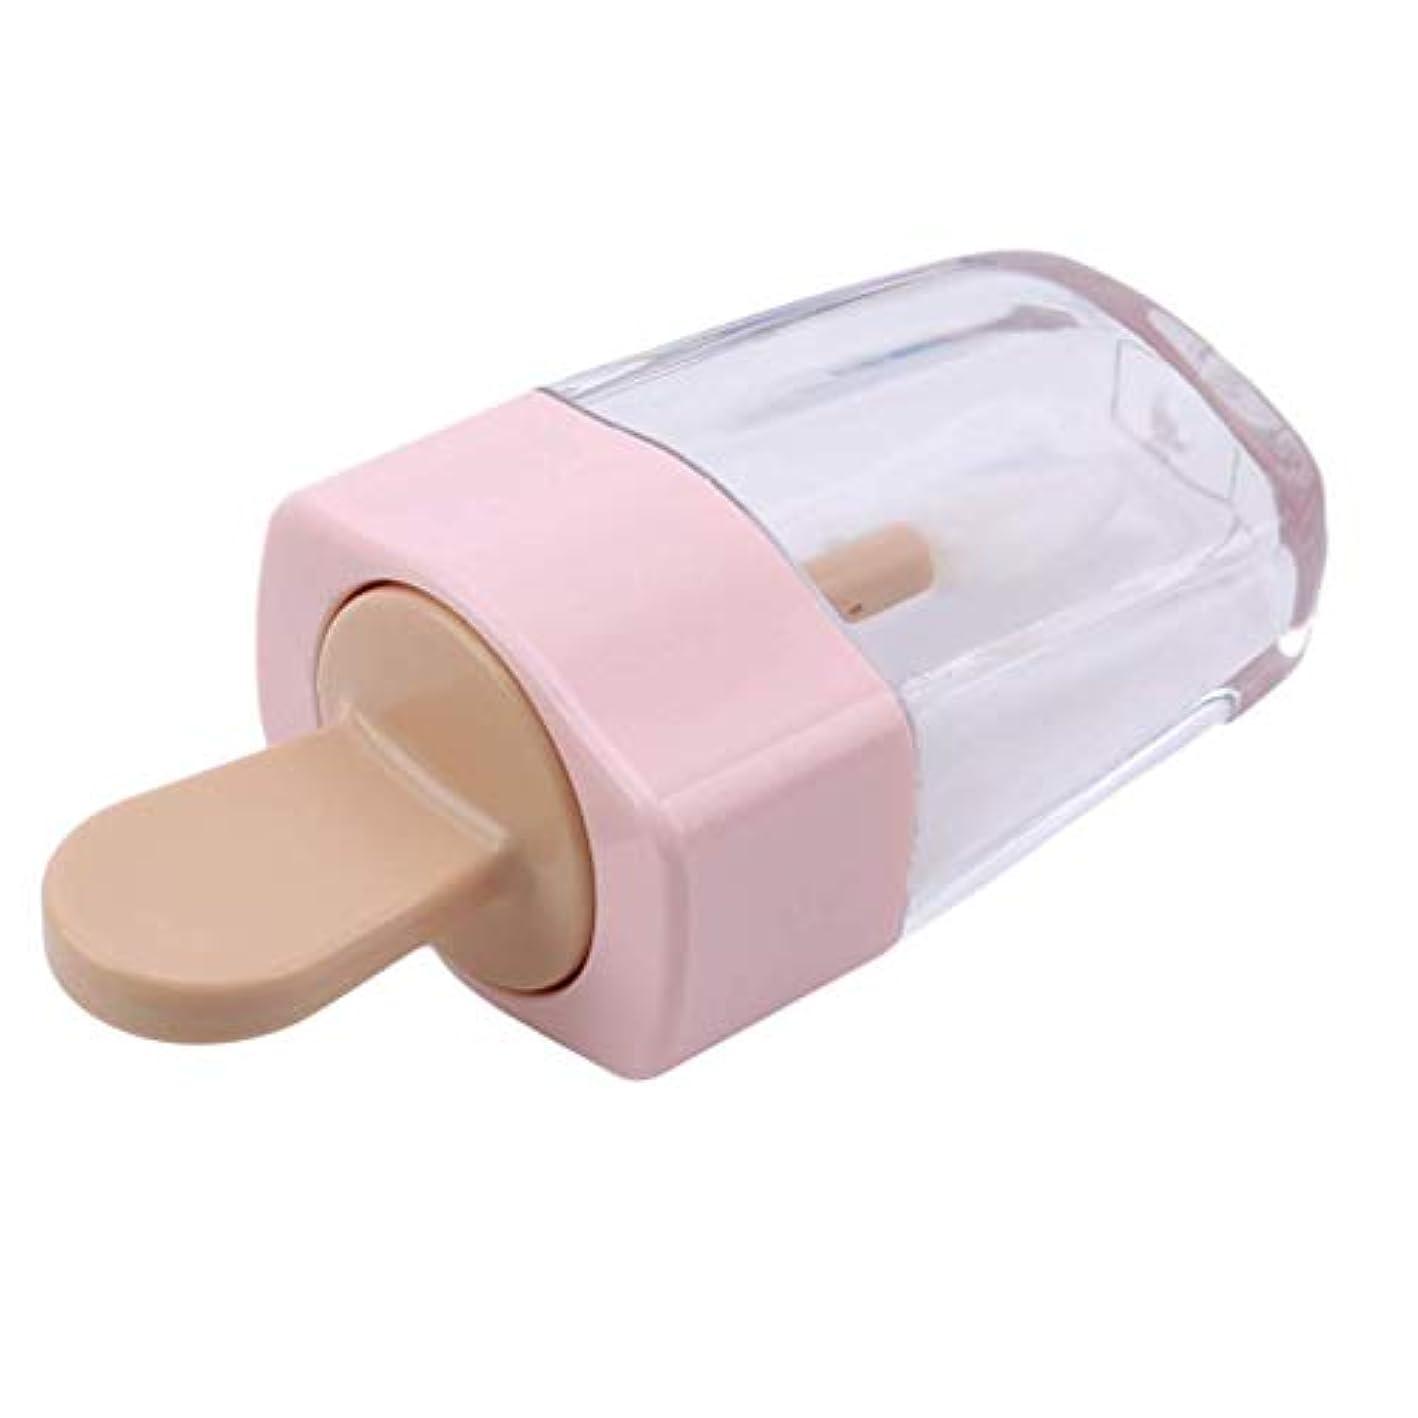 者ピアース差し迫った1st market 空のリップグロスチューブ容器クリームジャーdiyメイクアップツール透明リップクリーム詰め替えボトル、ピンク高品質